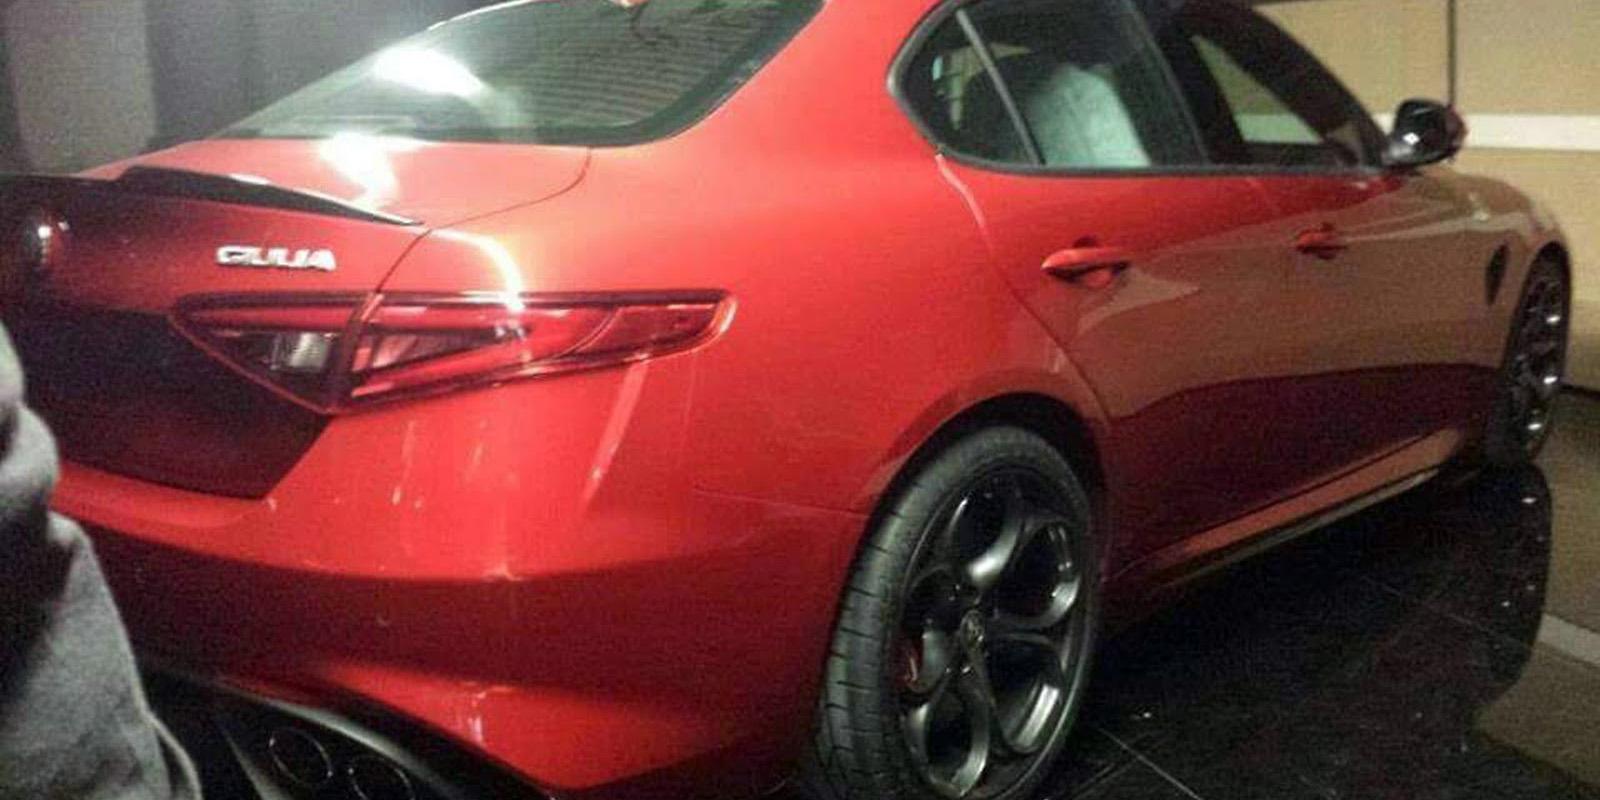 Filtrado el Alfa Romeo Giulia horas antes de su debut: Deportividad y un estilo sublime